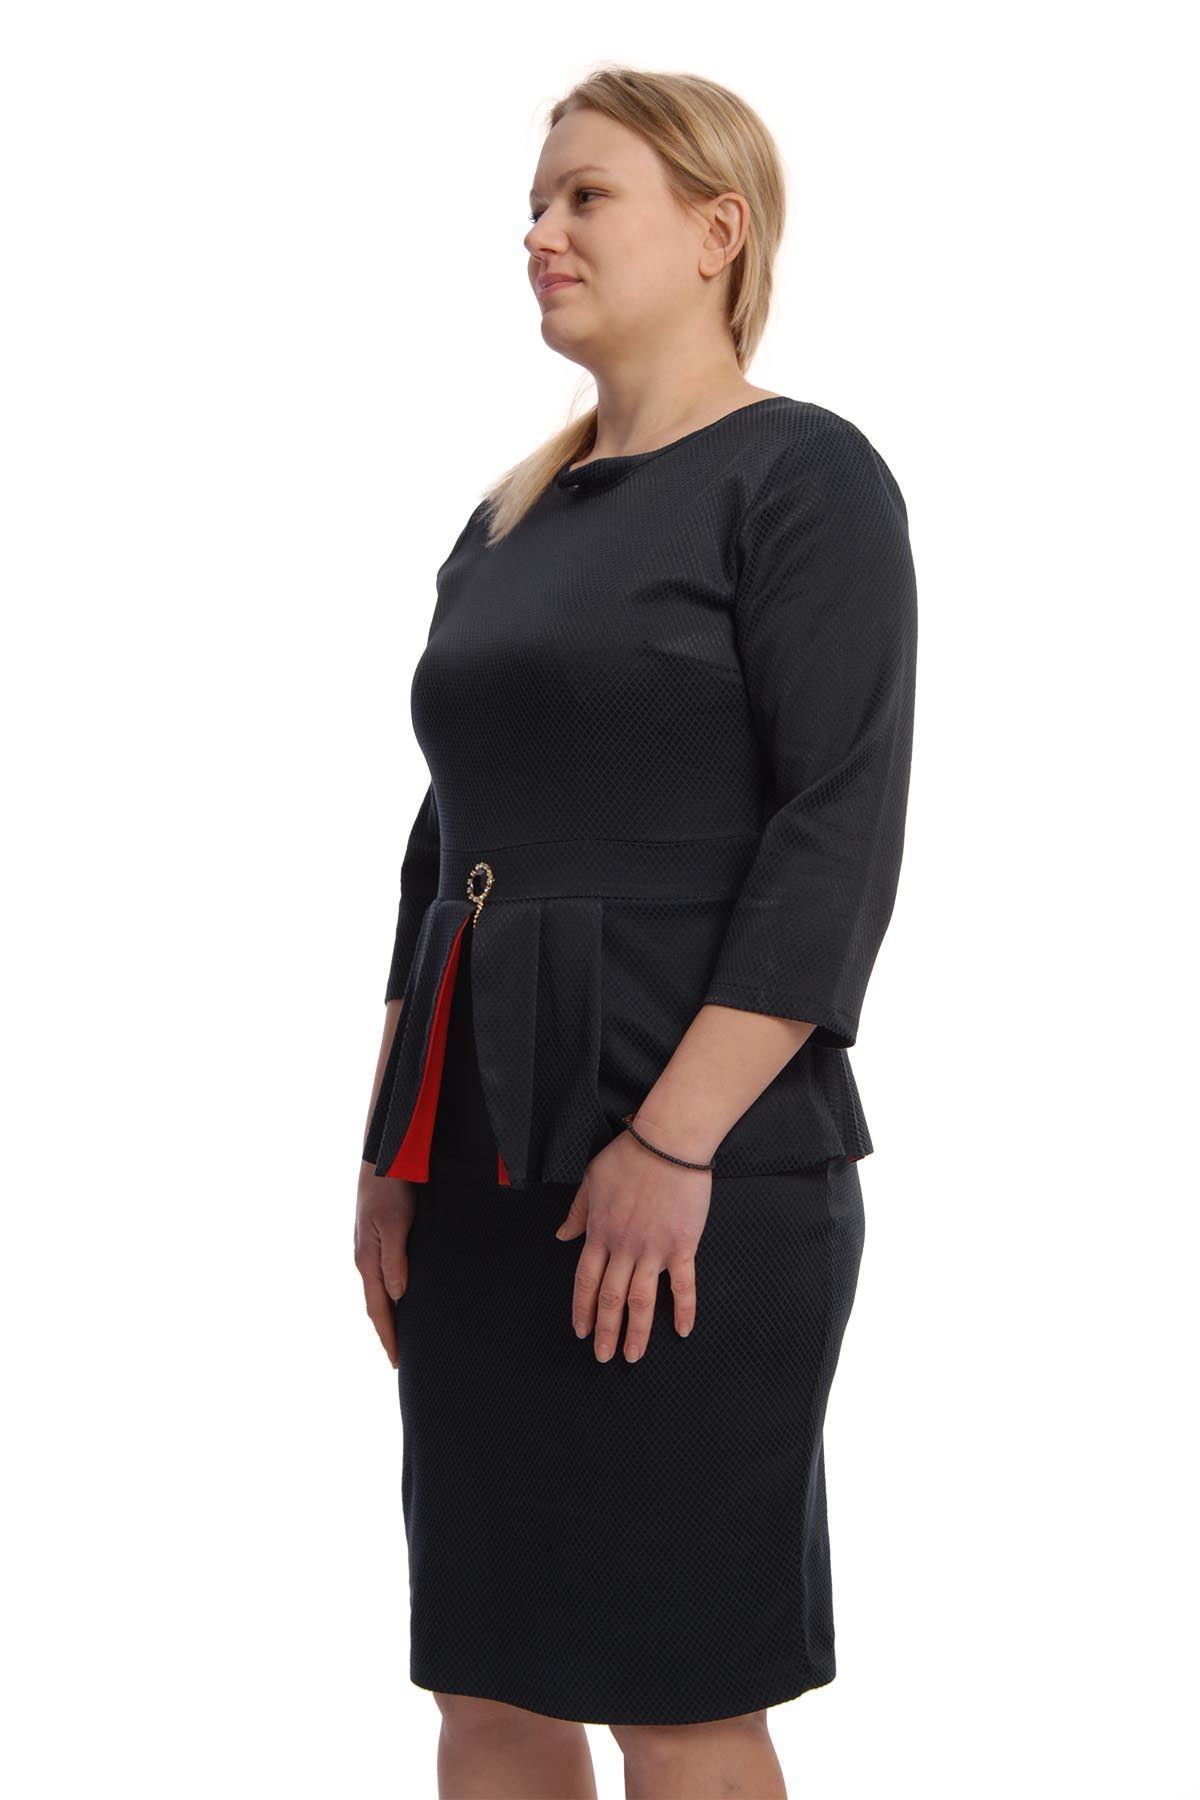 Lacivert Elbise H12-65977